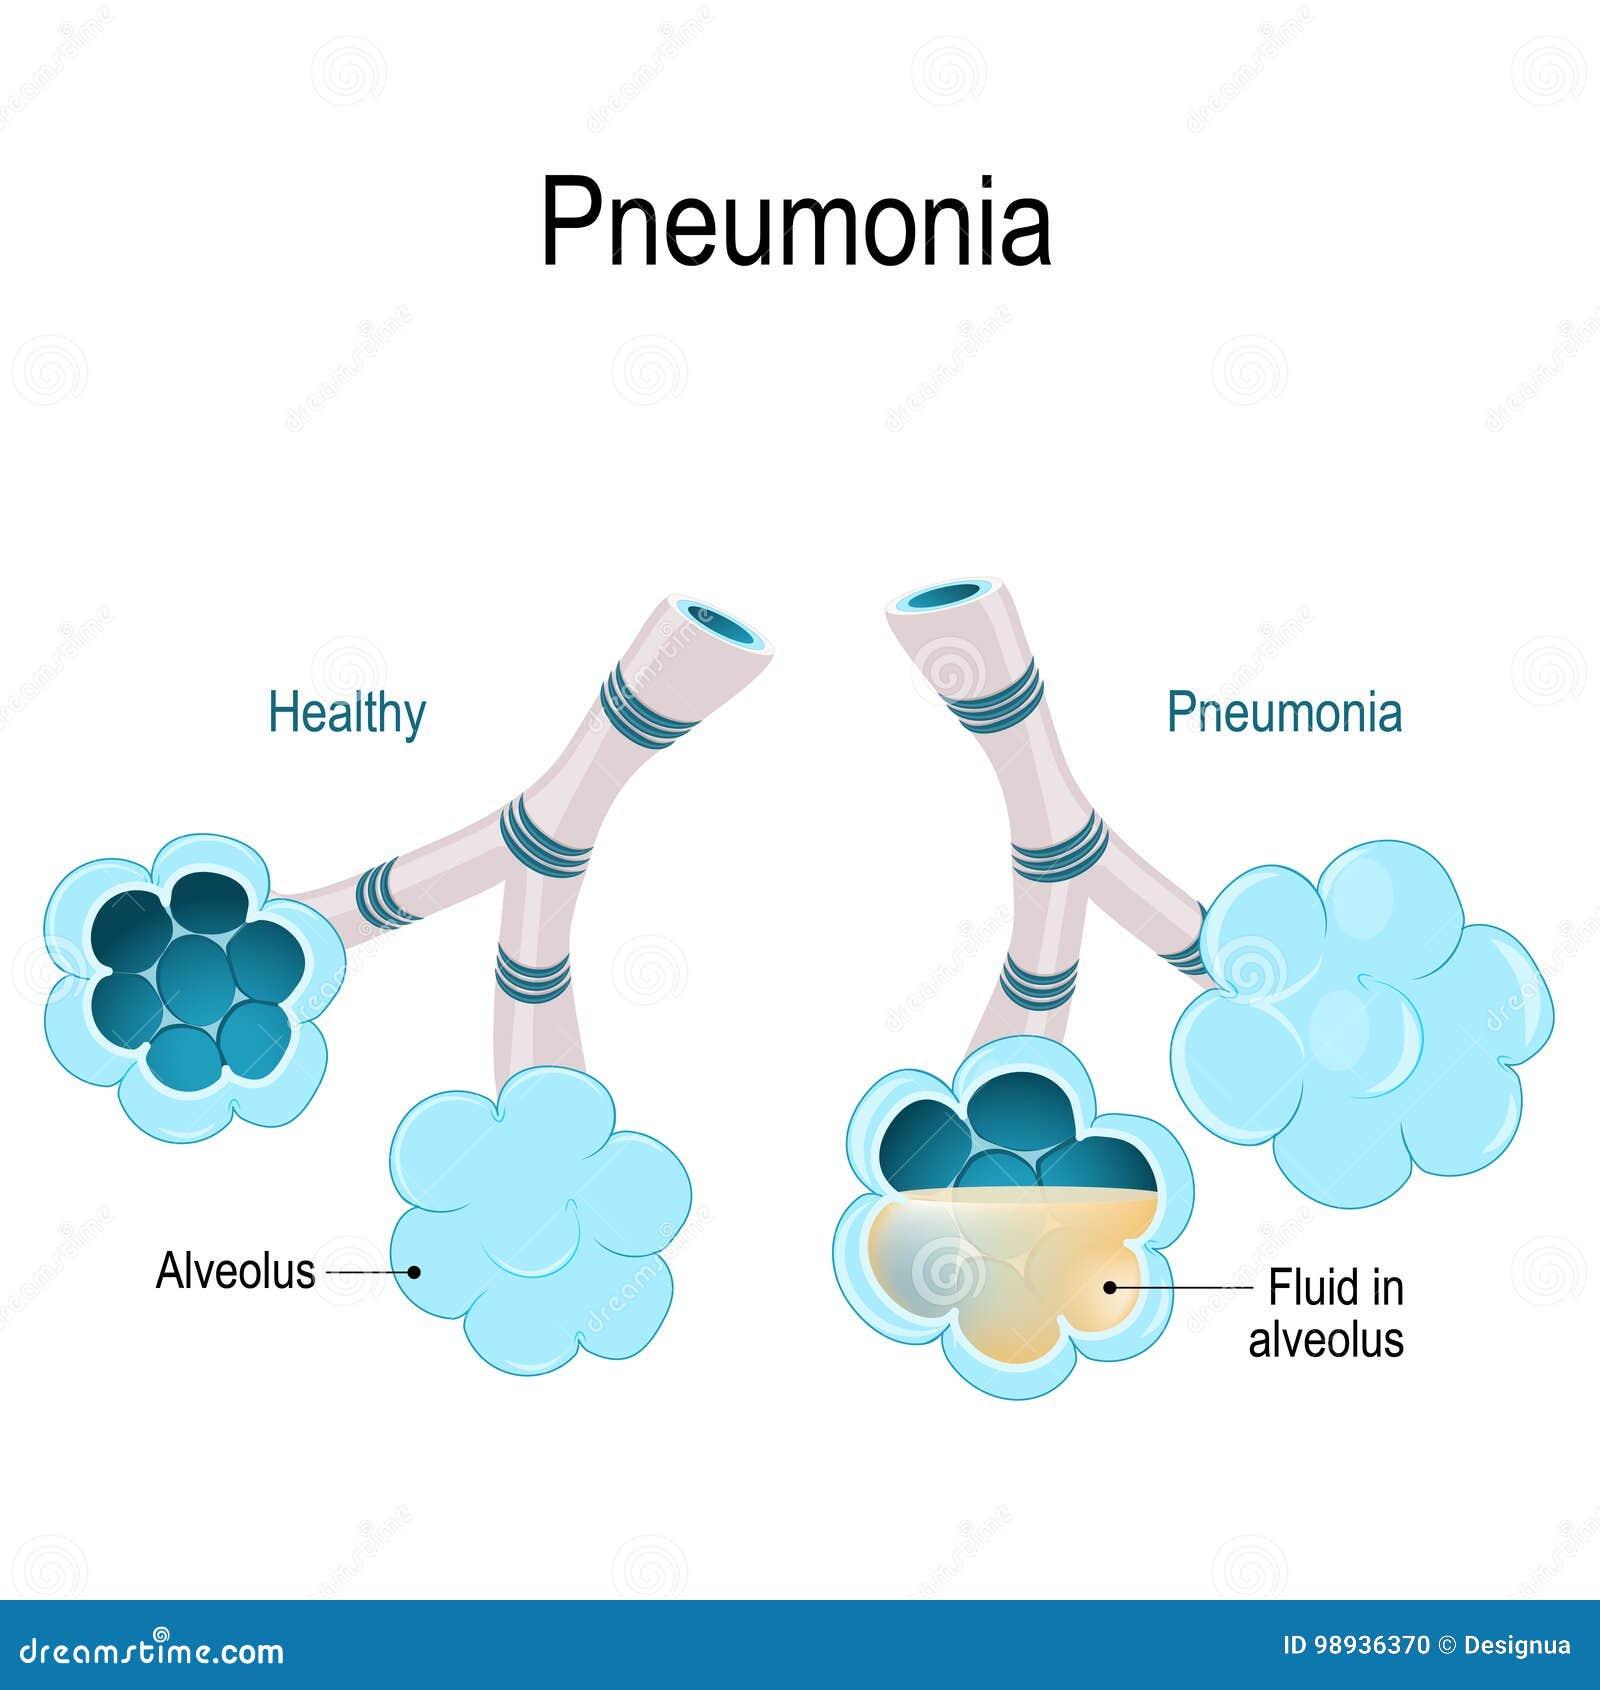 πνευμονία Η απεικόνιση παρουσιάζει κανονικά και μολυσμένα φατνία